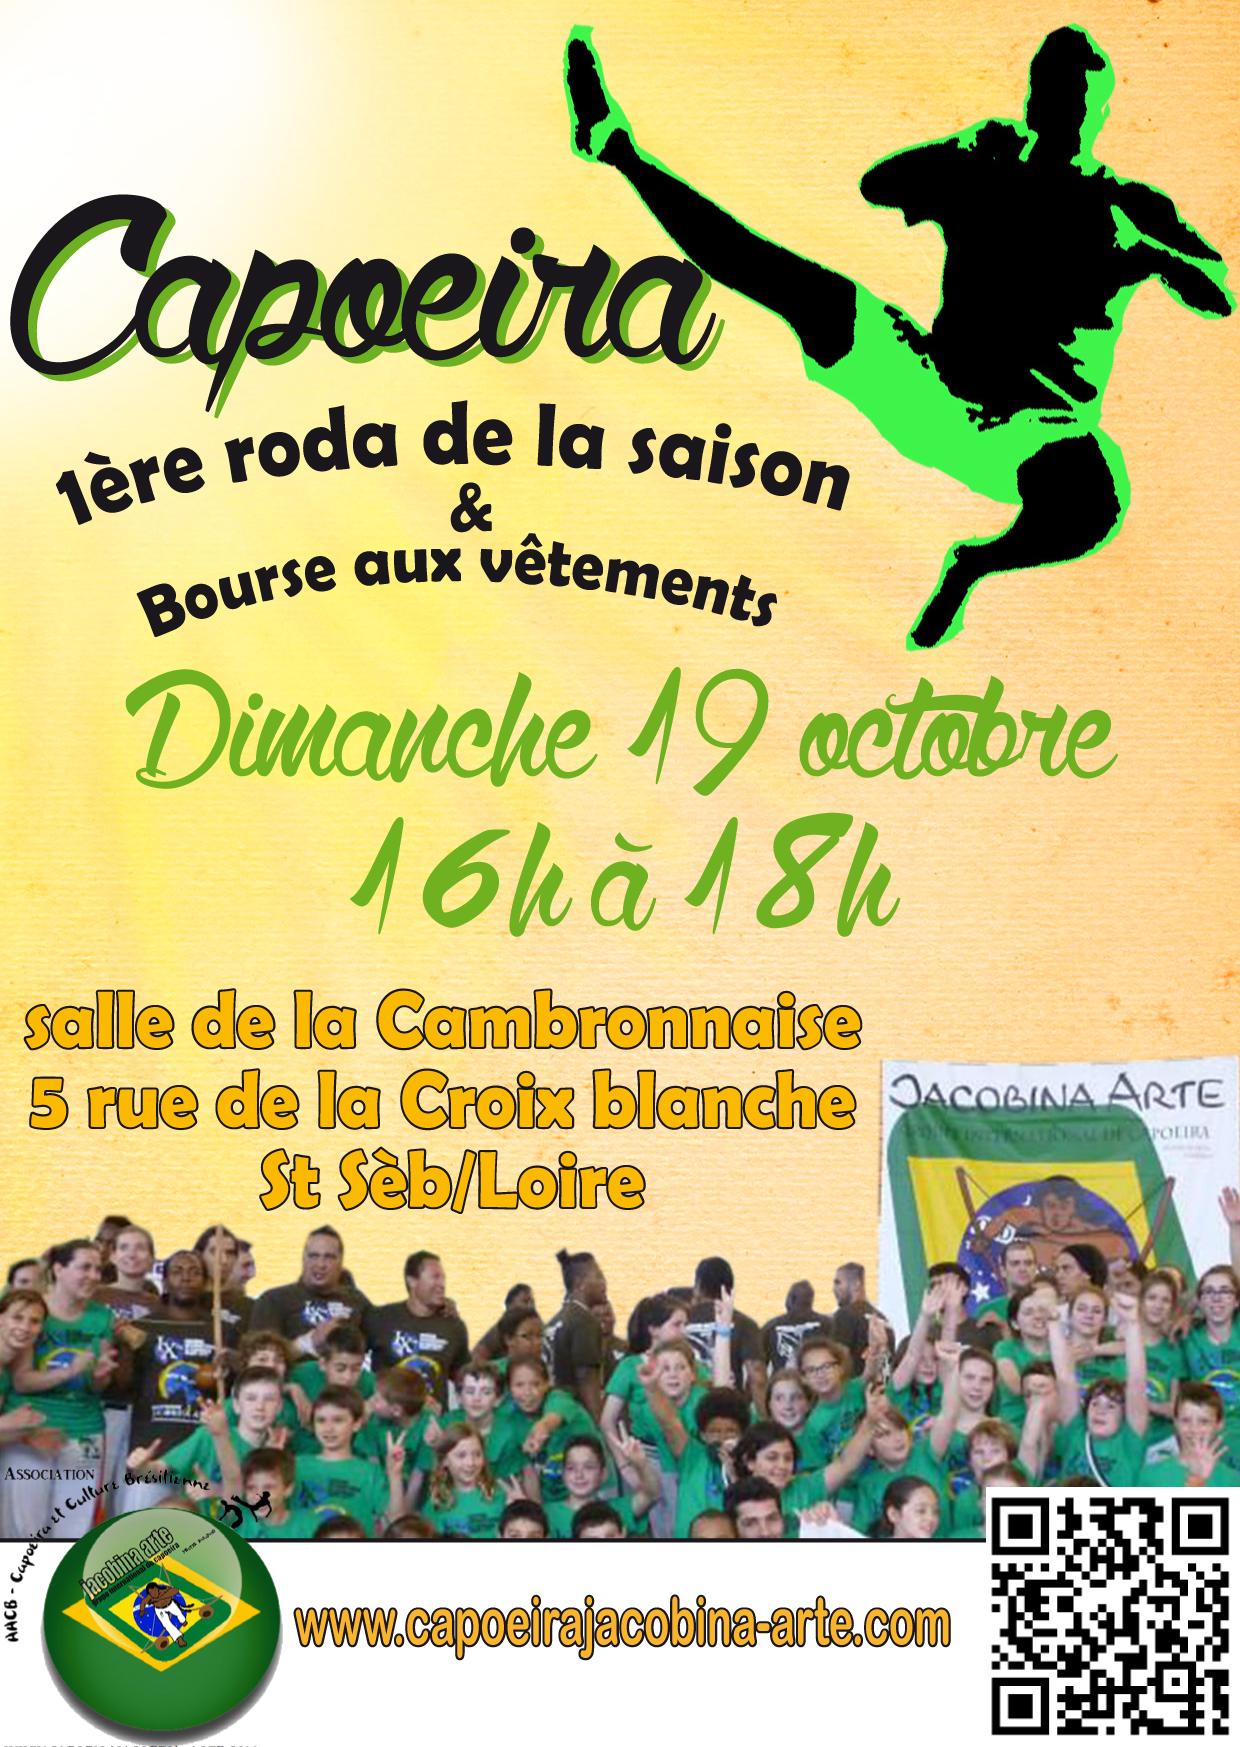 flyer capoeira jacobina arte 1ère Roda de la saison